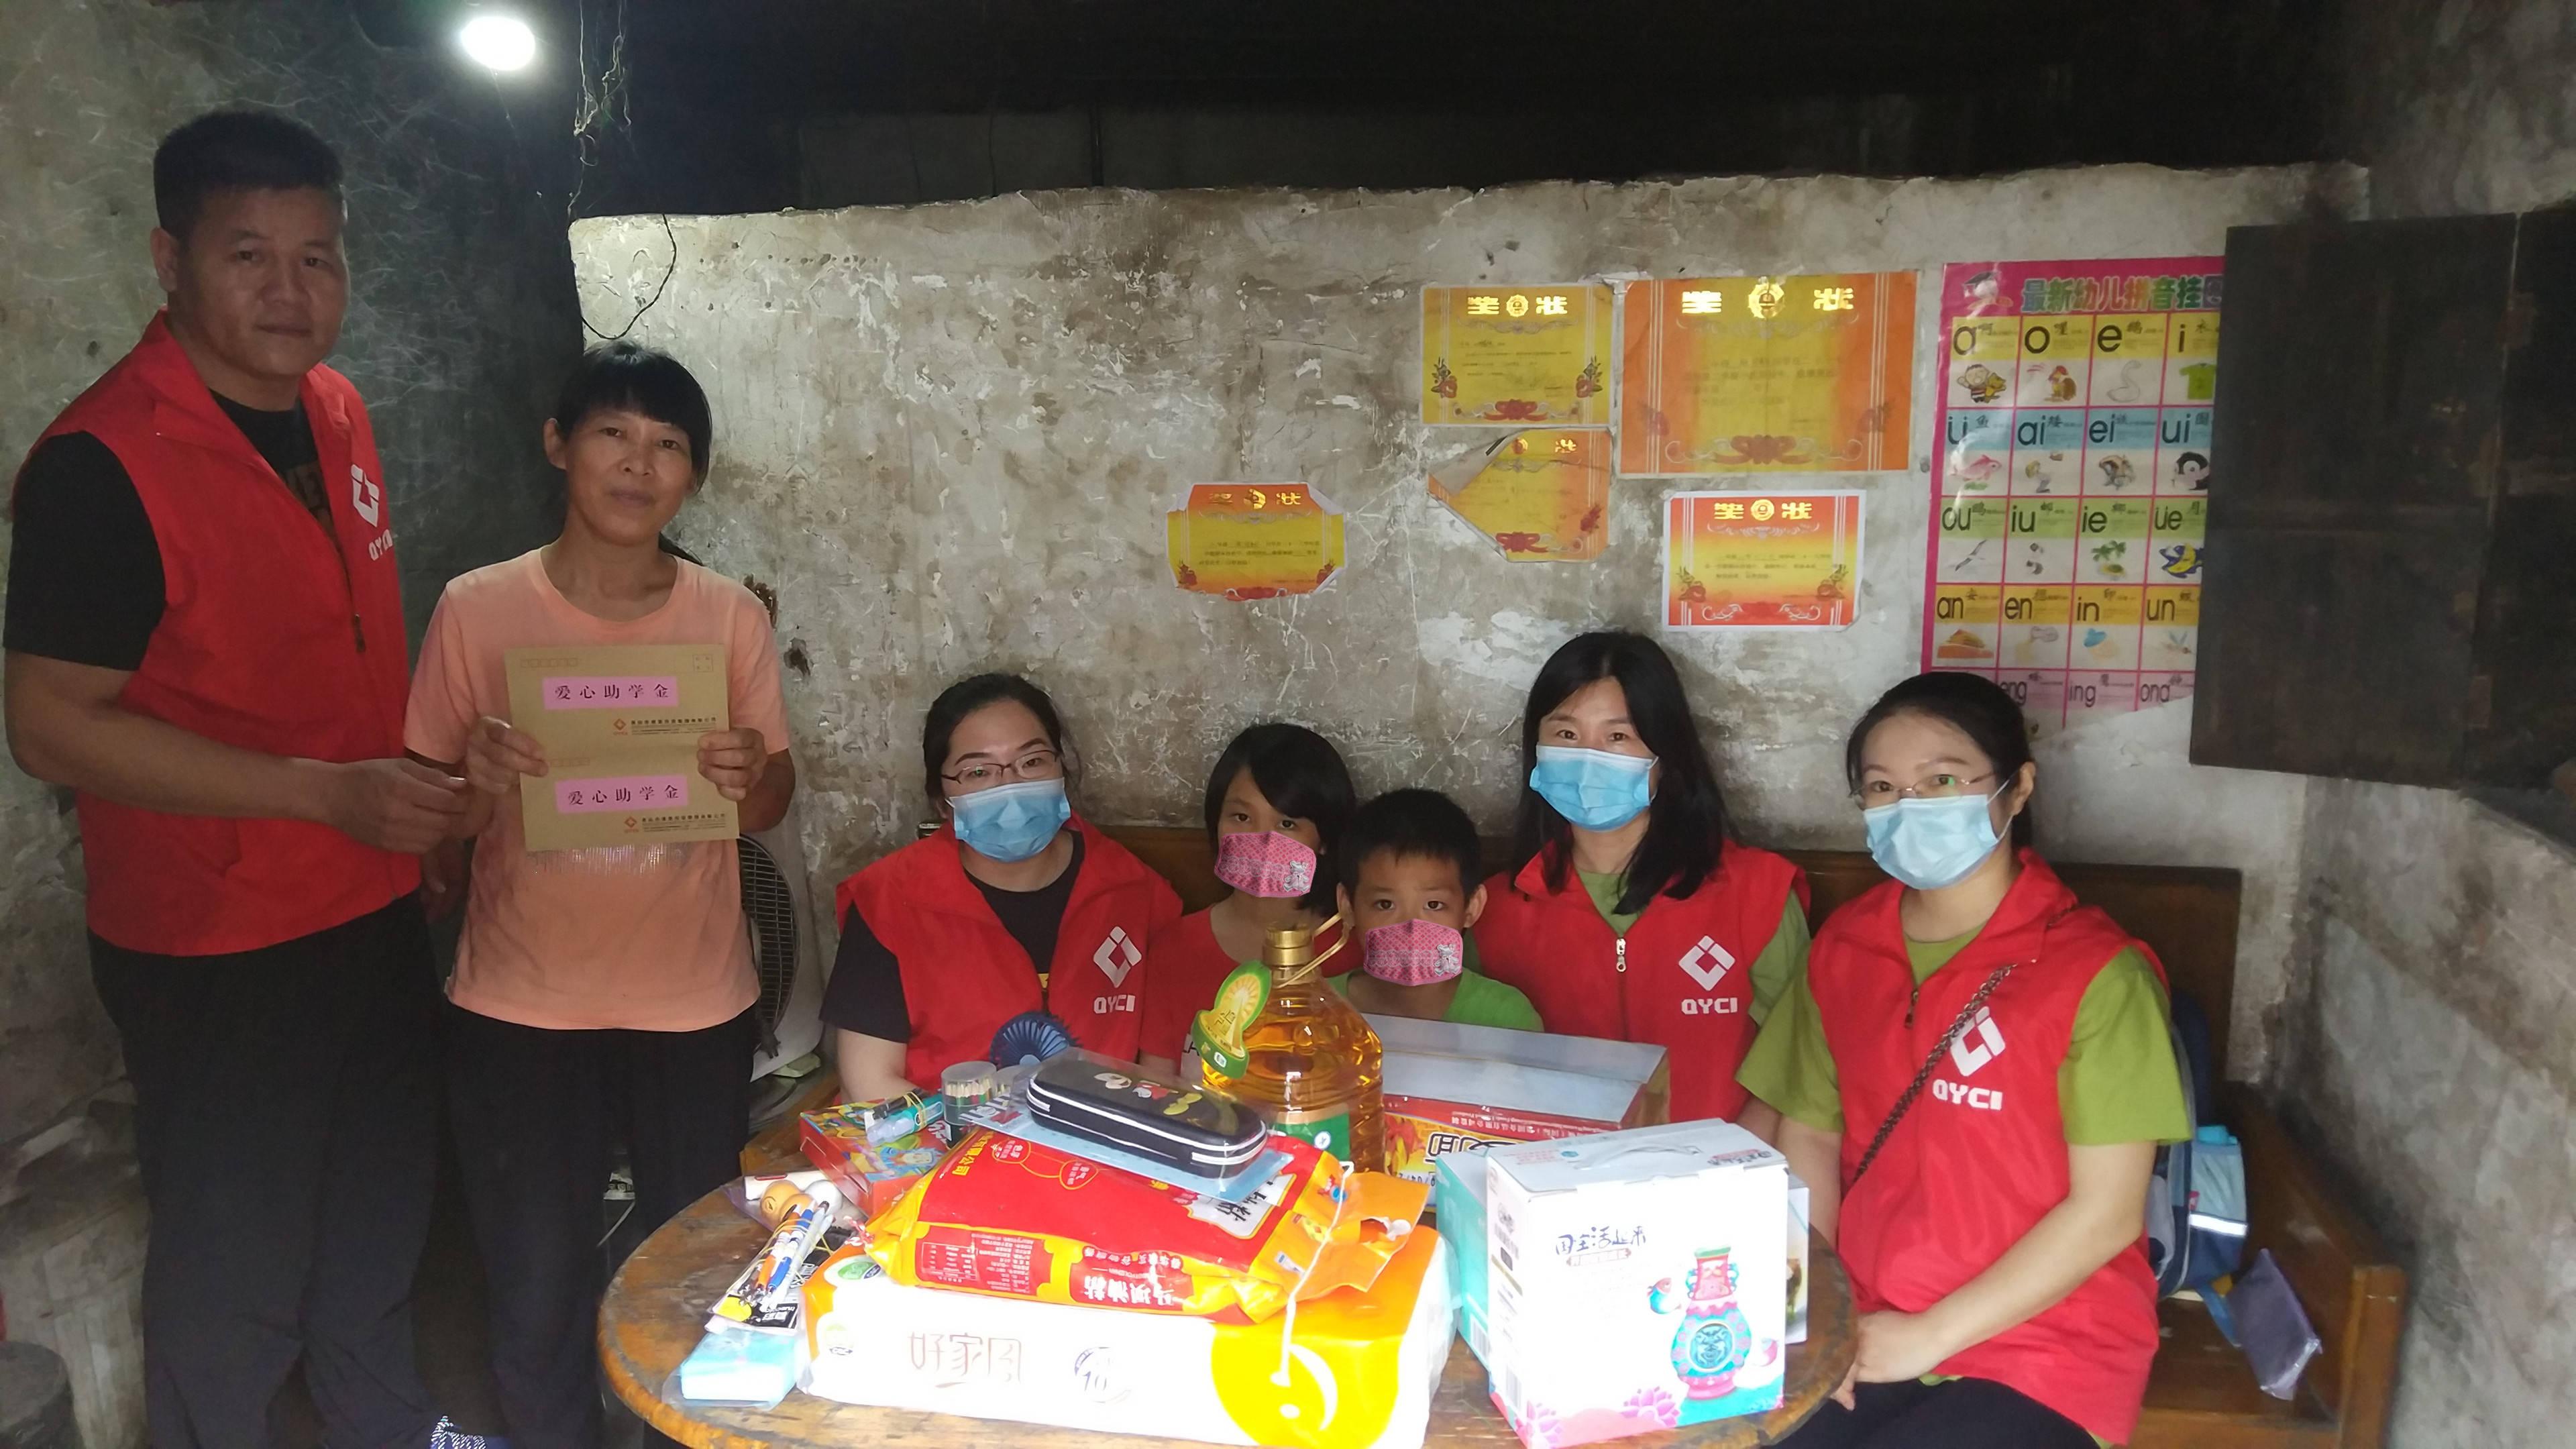 清远德晟集团公司开展关爱特殊群体志愿服务活动